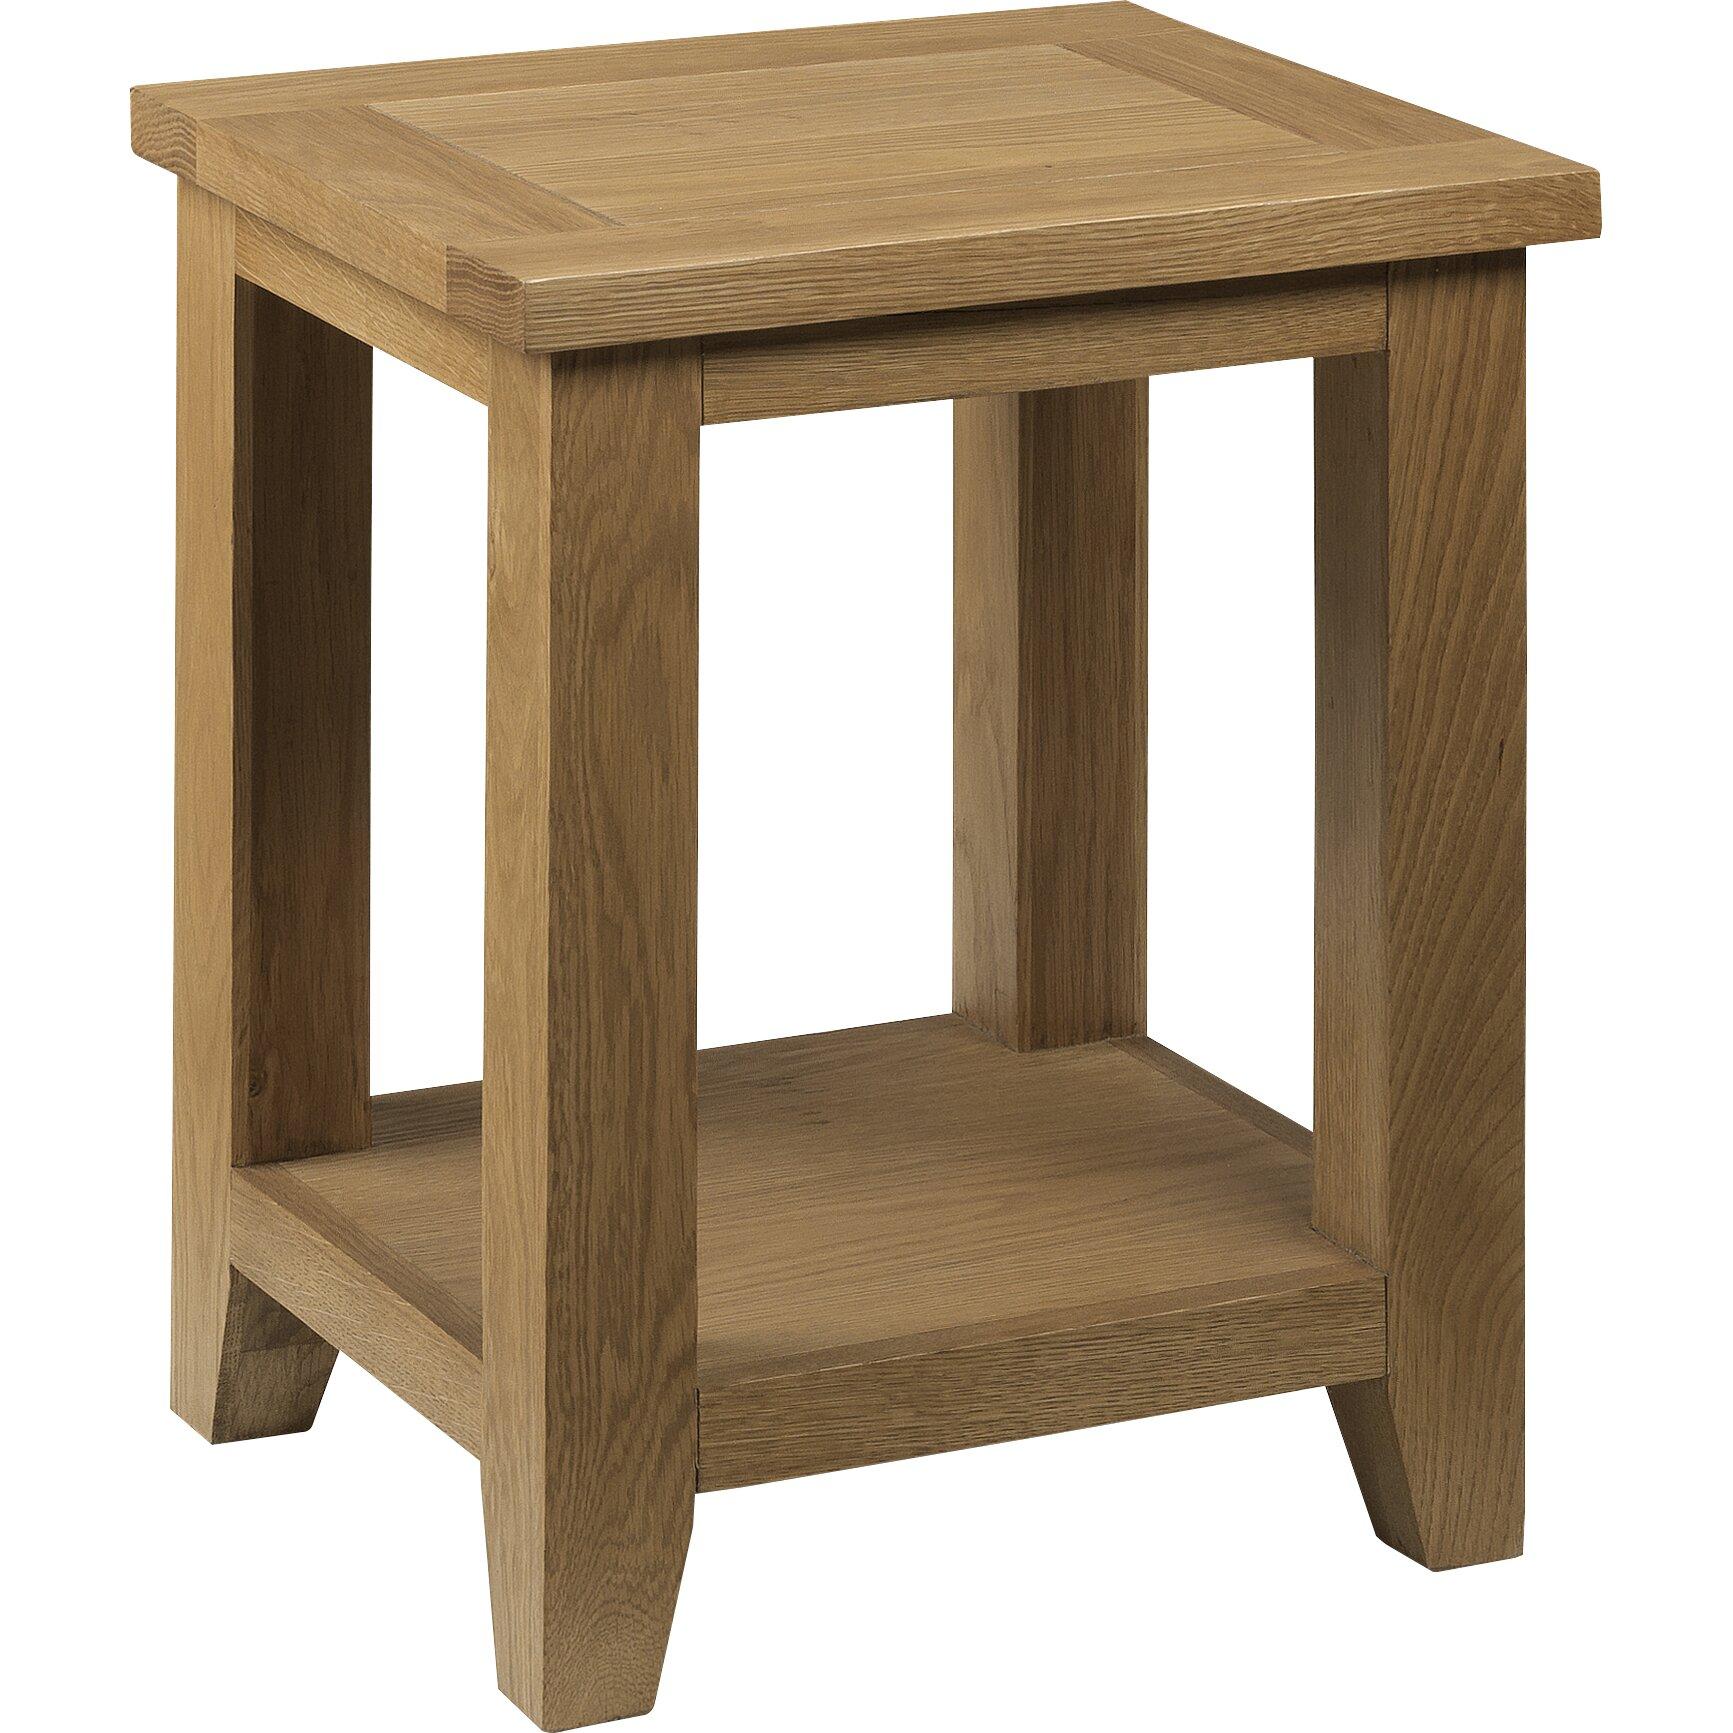 all home beistelltisch oliver oak mit stauraum bewertungen. Black Bedroom Furniture Sets. Home Design Ideas